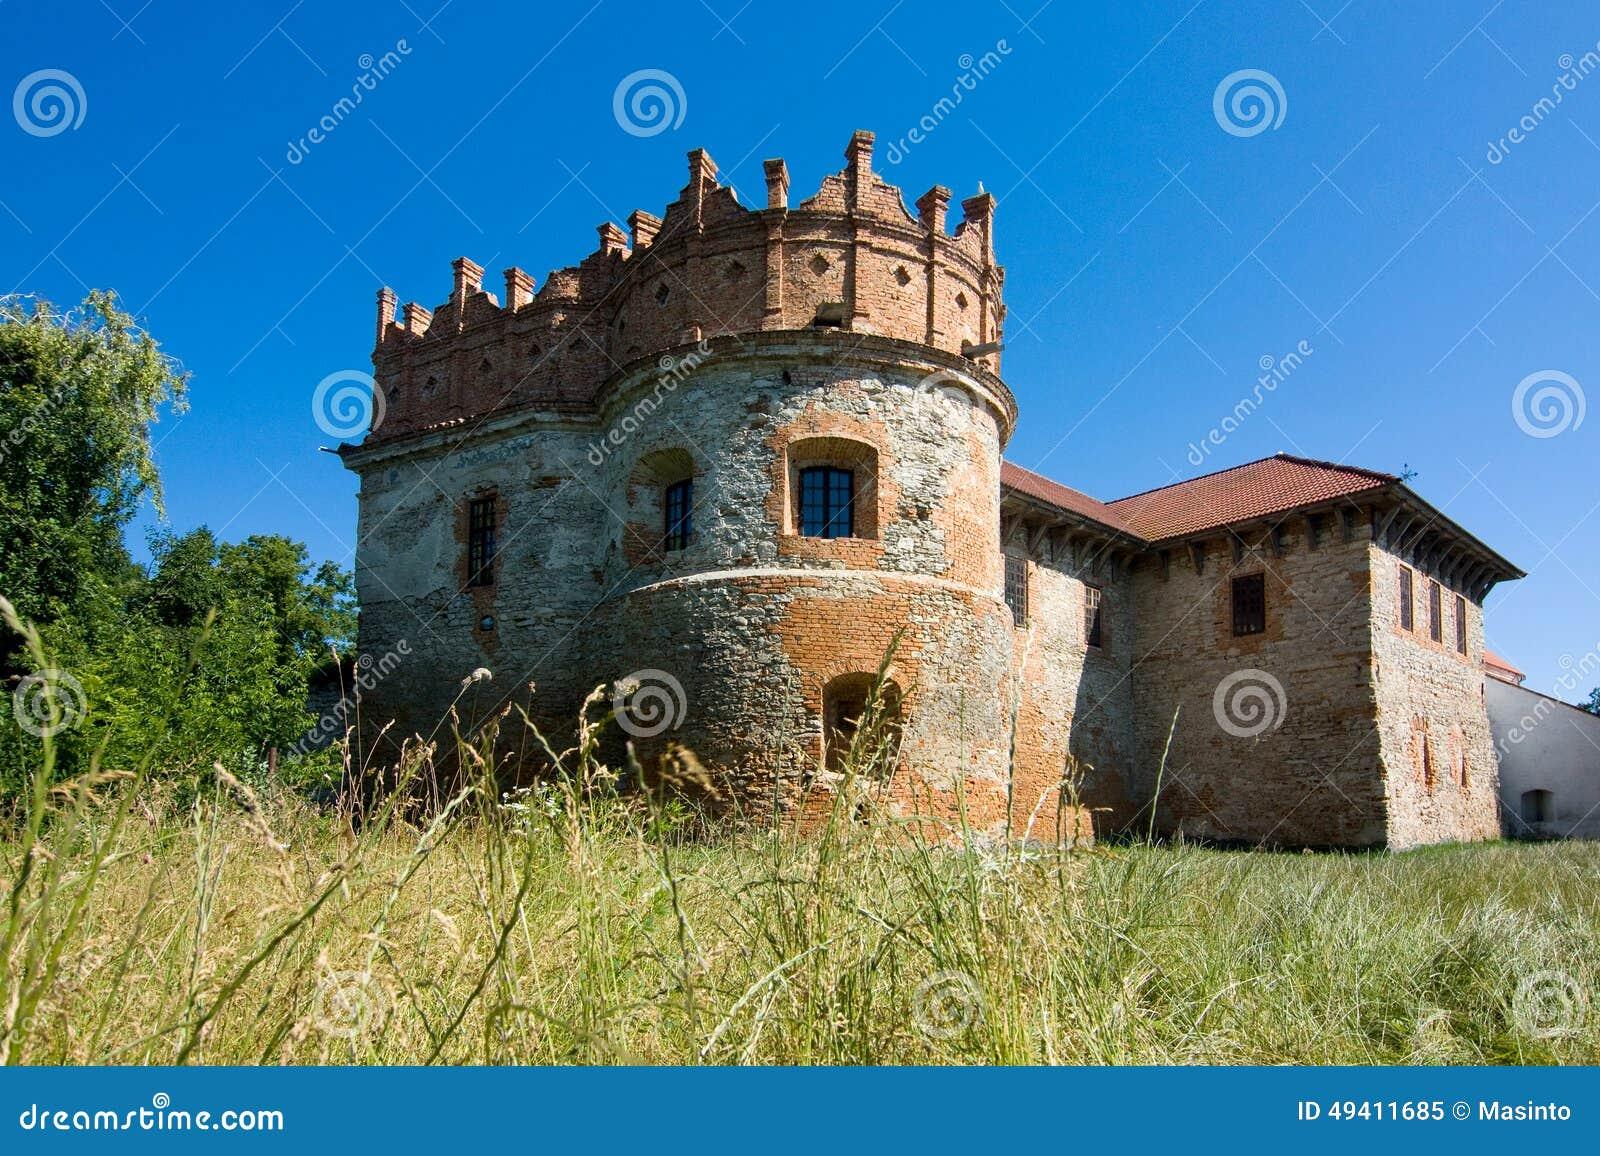 Download Mittelalterliches Altes Schloss In Starokostiantyniv Stockbild - Bild von platz, berühmt: 49411685